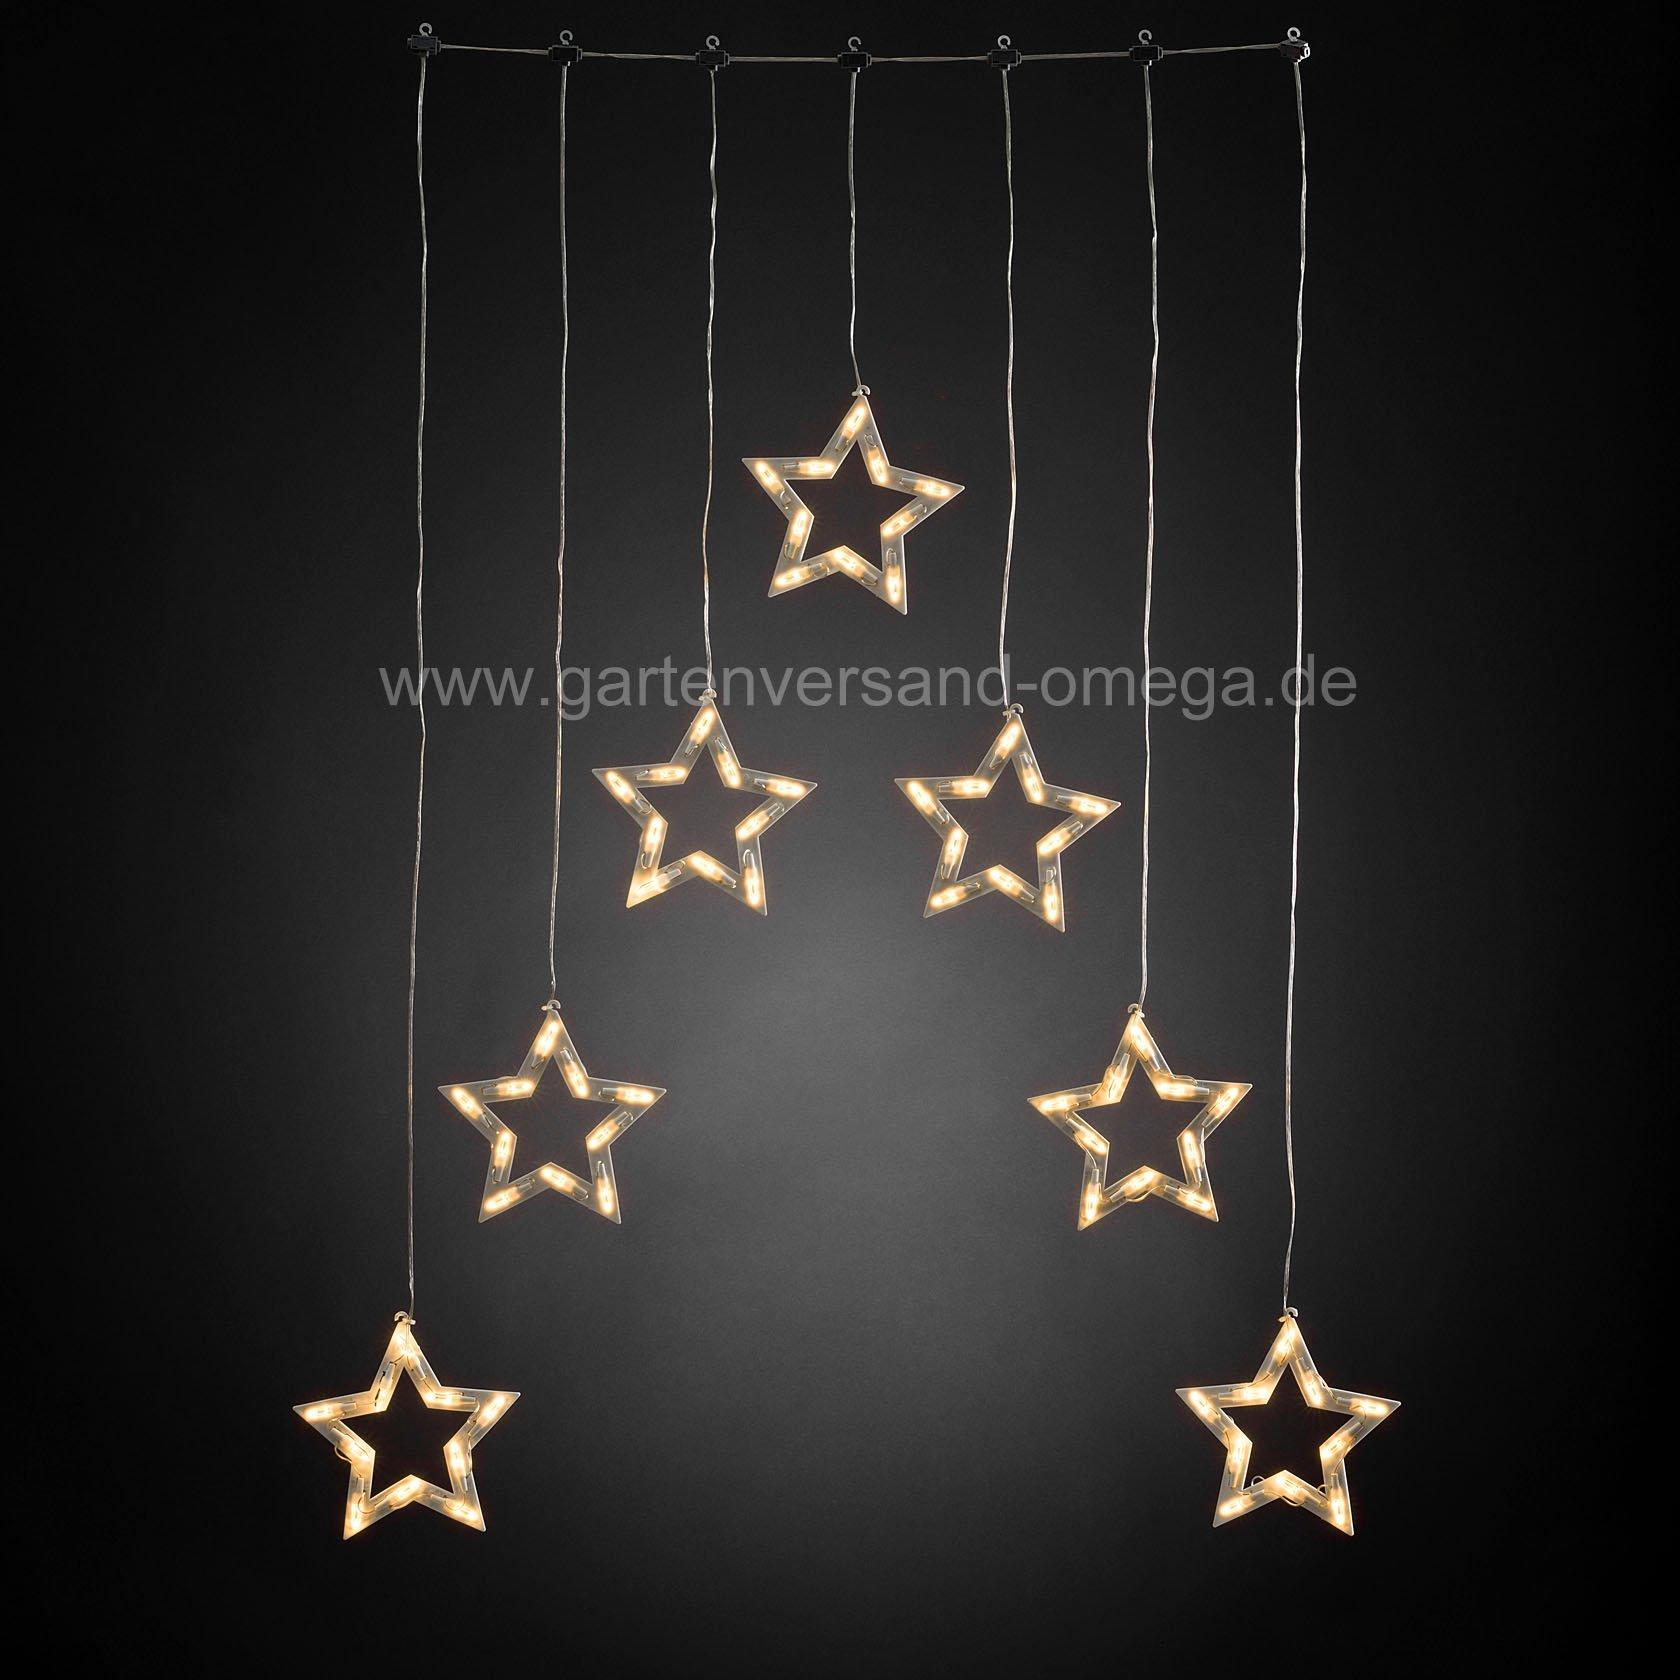 Led lichtervorhang mit sternensilhouetten for Lichtervorhang weihnachten